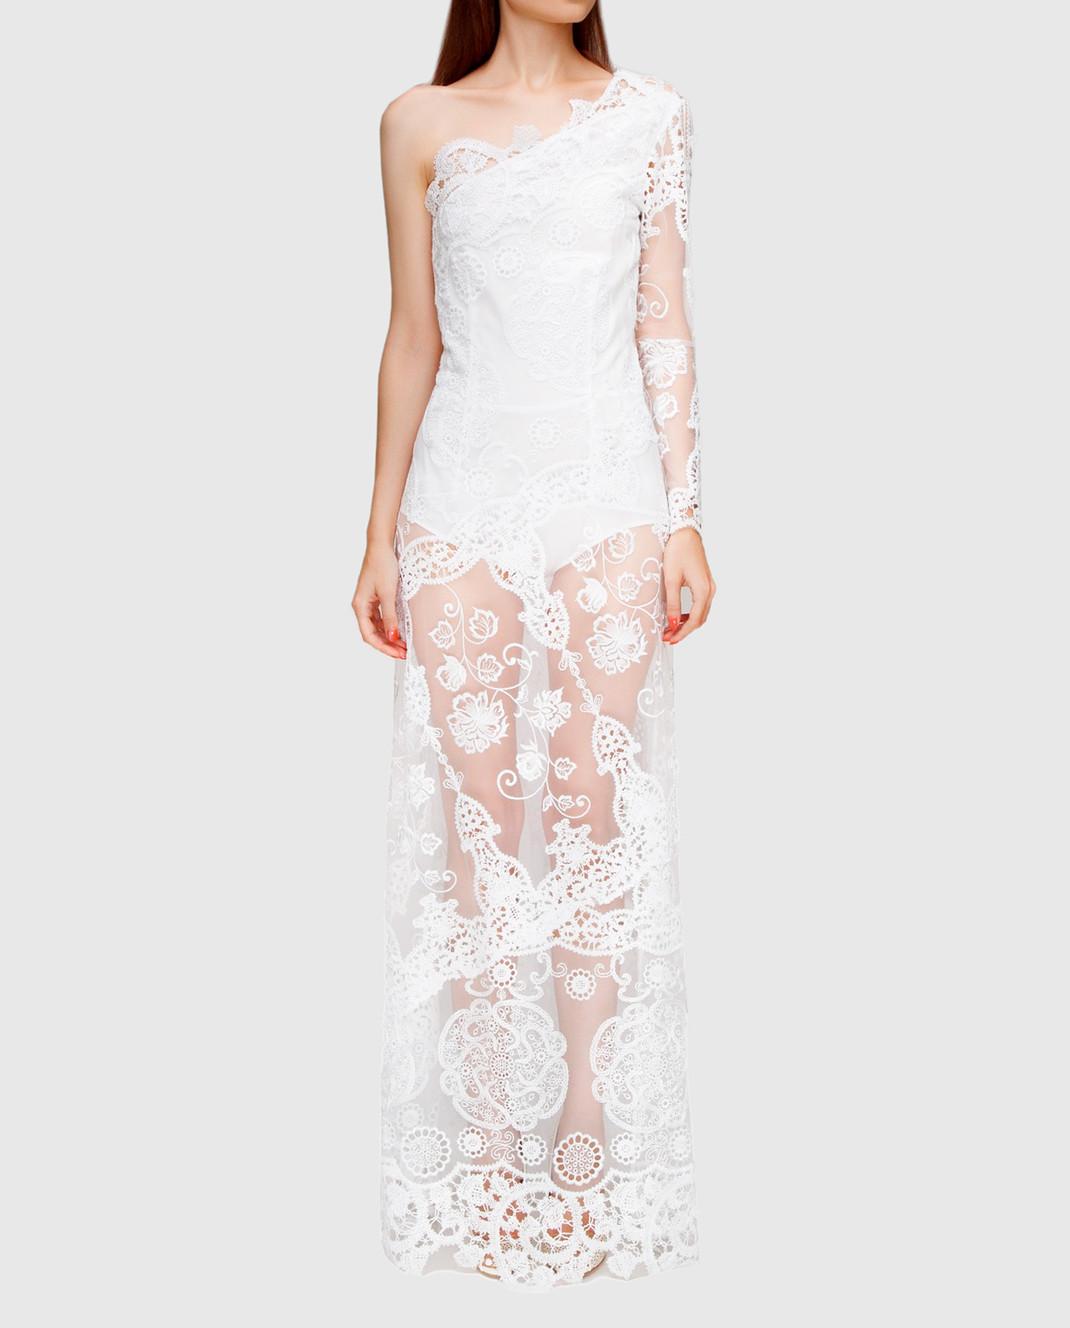 Charo Ruiz Белое платье с кружевом 00354 изображение 2